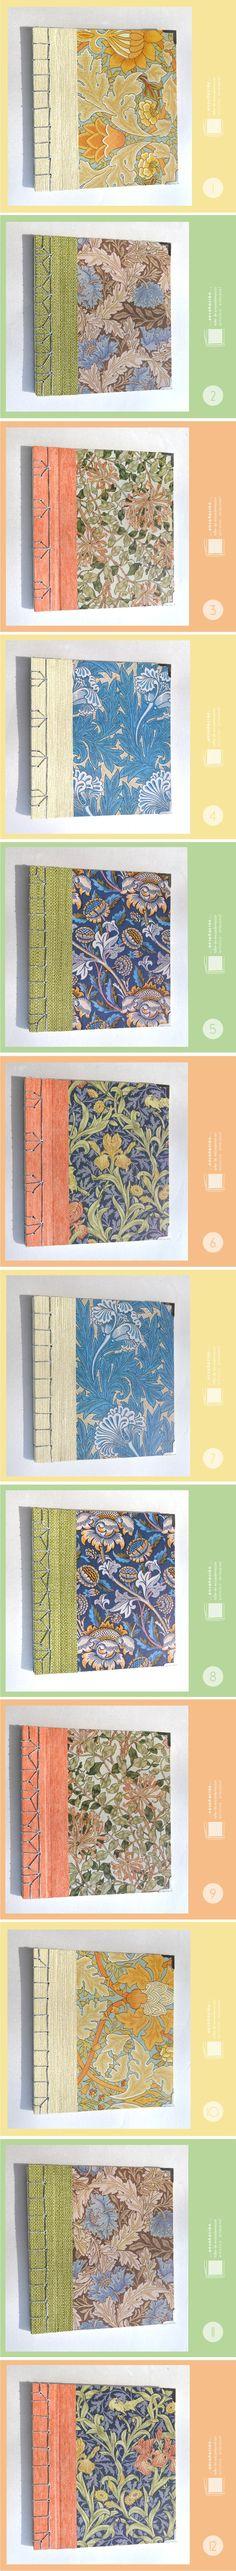 ***Libretas William Morris***  Encuadernaciones japonesas (diferentes costuras: variante de 4 puntos, noble, hoja de cáñamo y caparazón de tortuga) Tapas duras (cartón de 1mm) – Cubierta de papeles con diseñod e William Morris y papeles de empapelar – 50 hojas ahuesadas de 80grs – Tamaño: 16 x 14.5cm – Esquineros metálicos